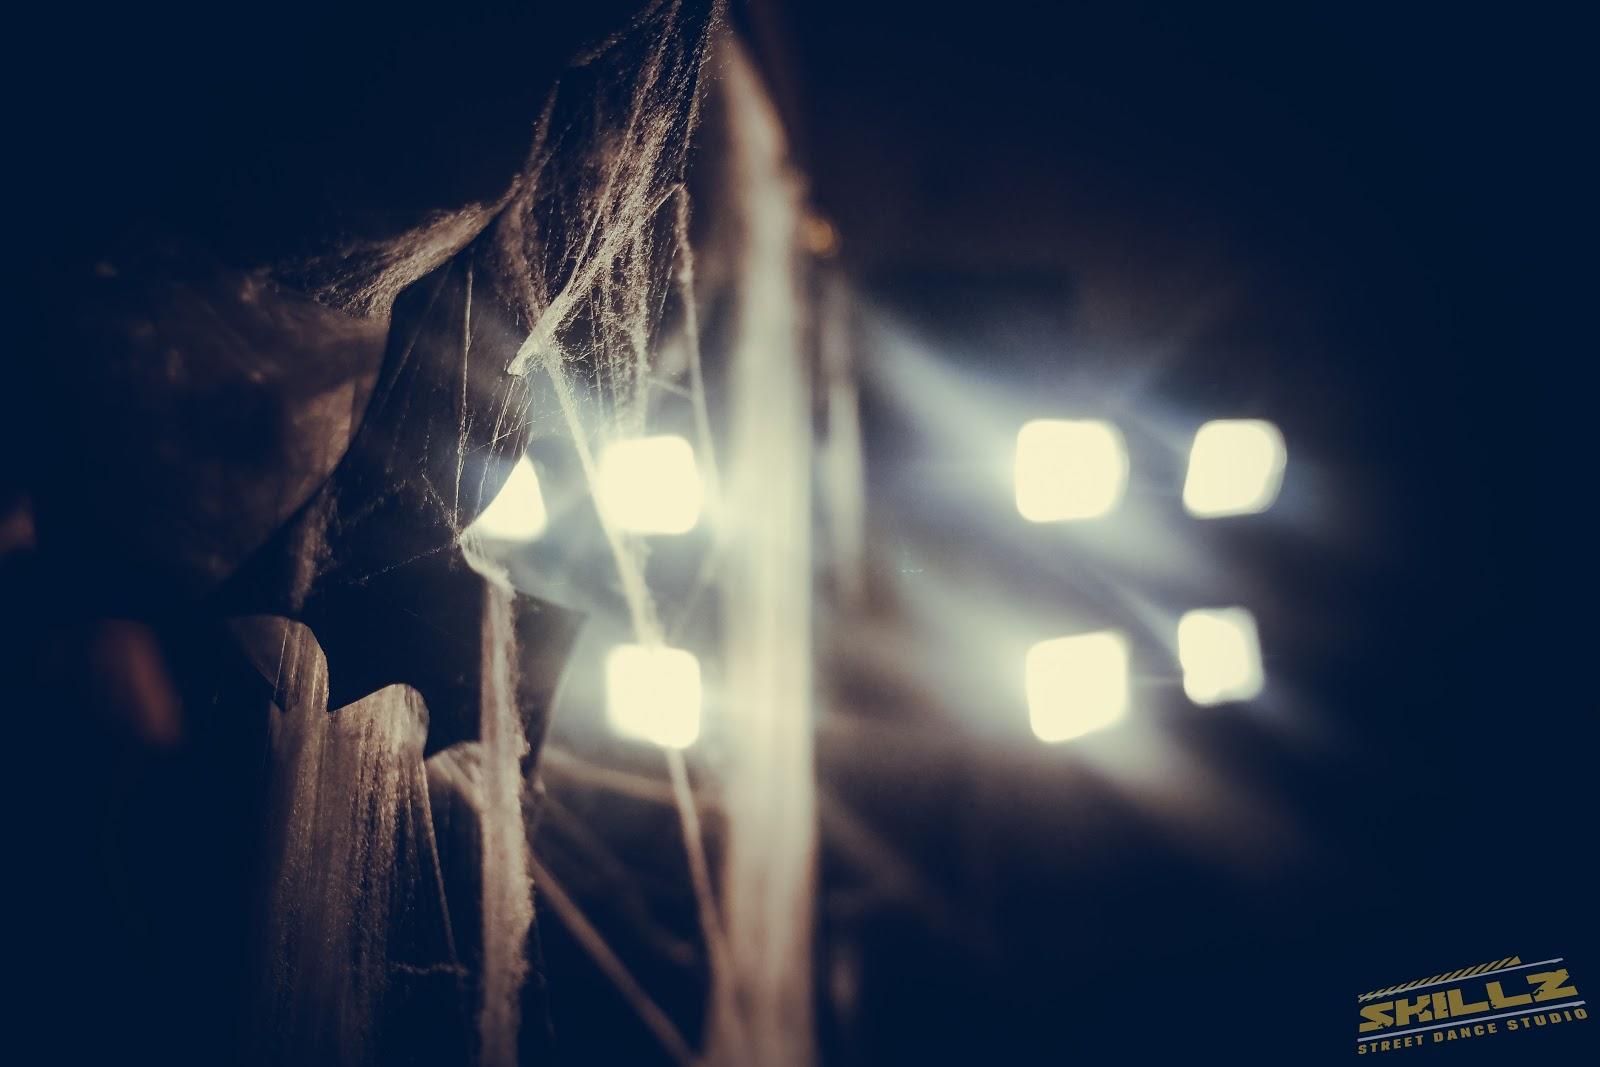 Naujikų krikštynos @SKILLZ (Halloween tema) - PANA2160.jpg